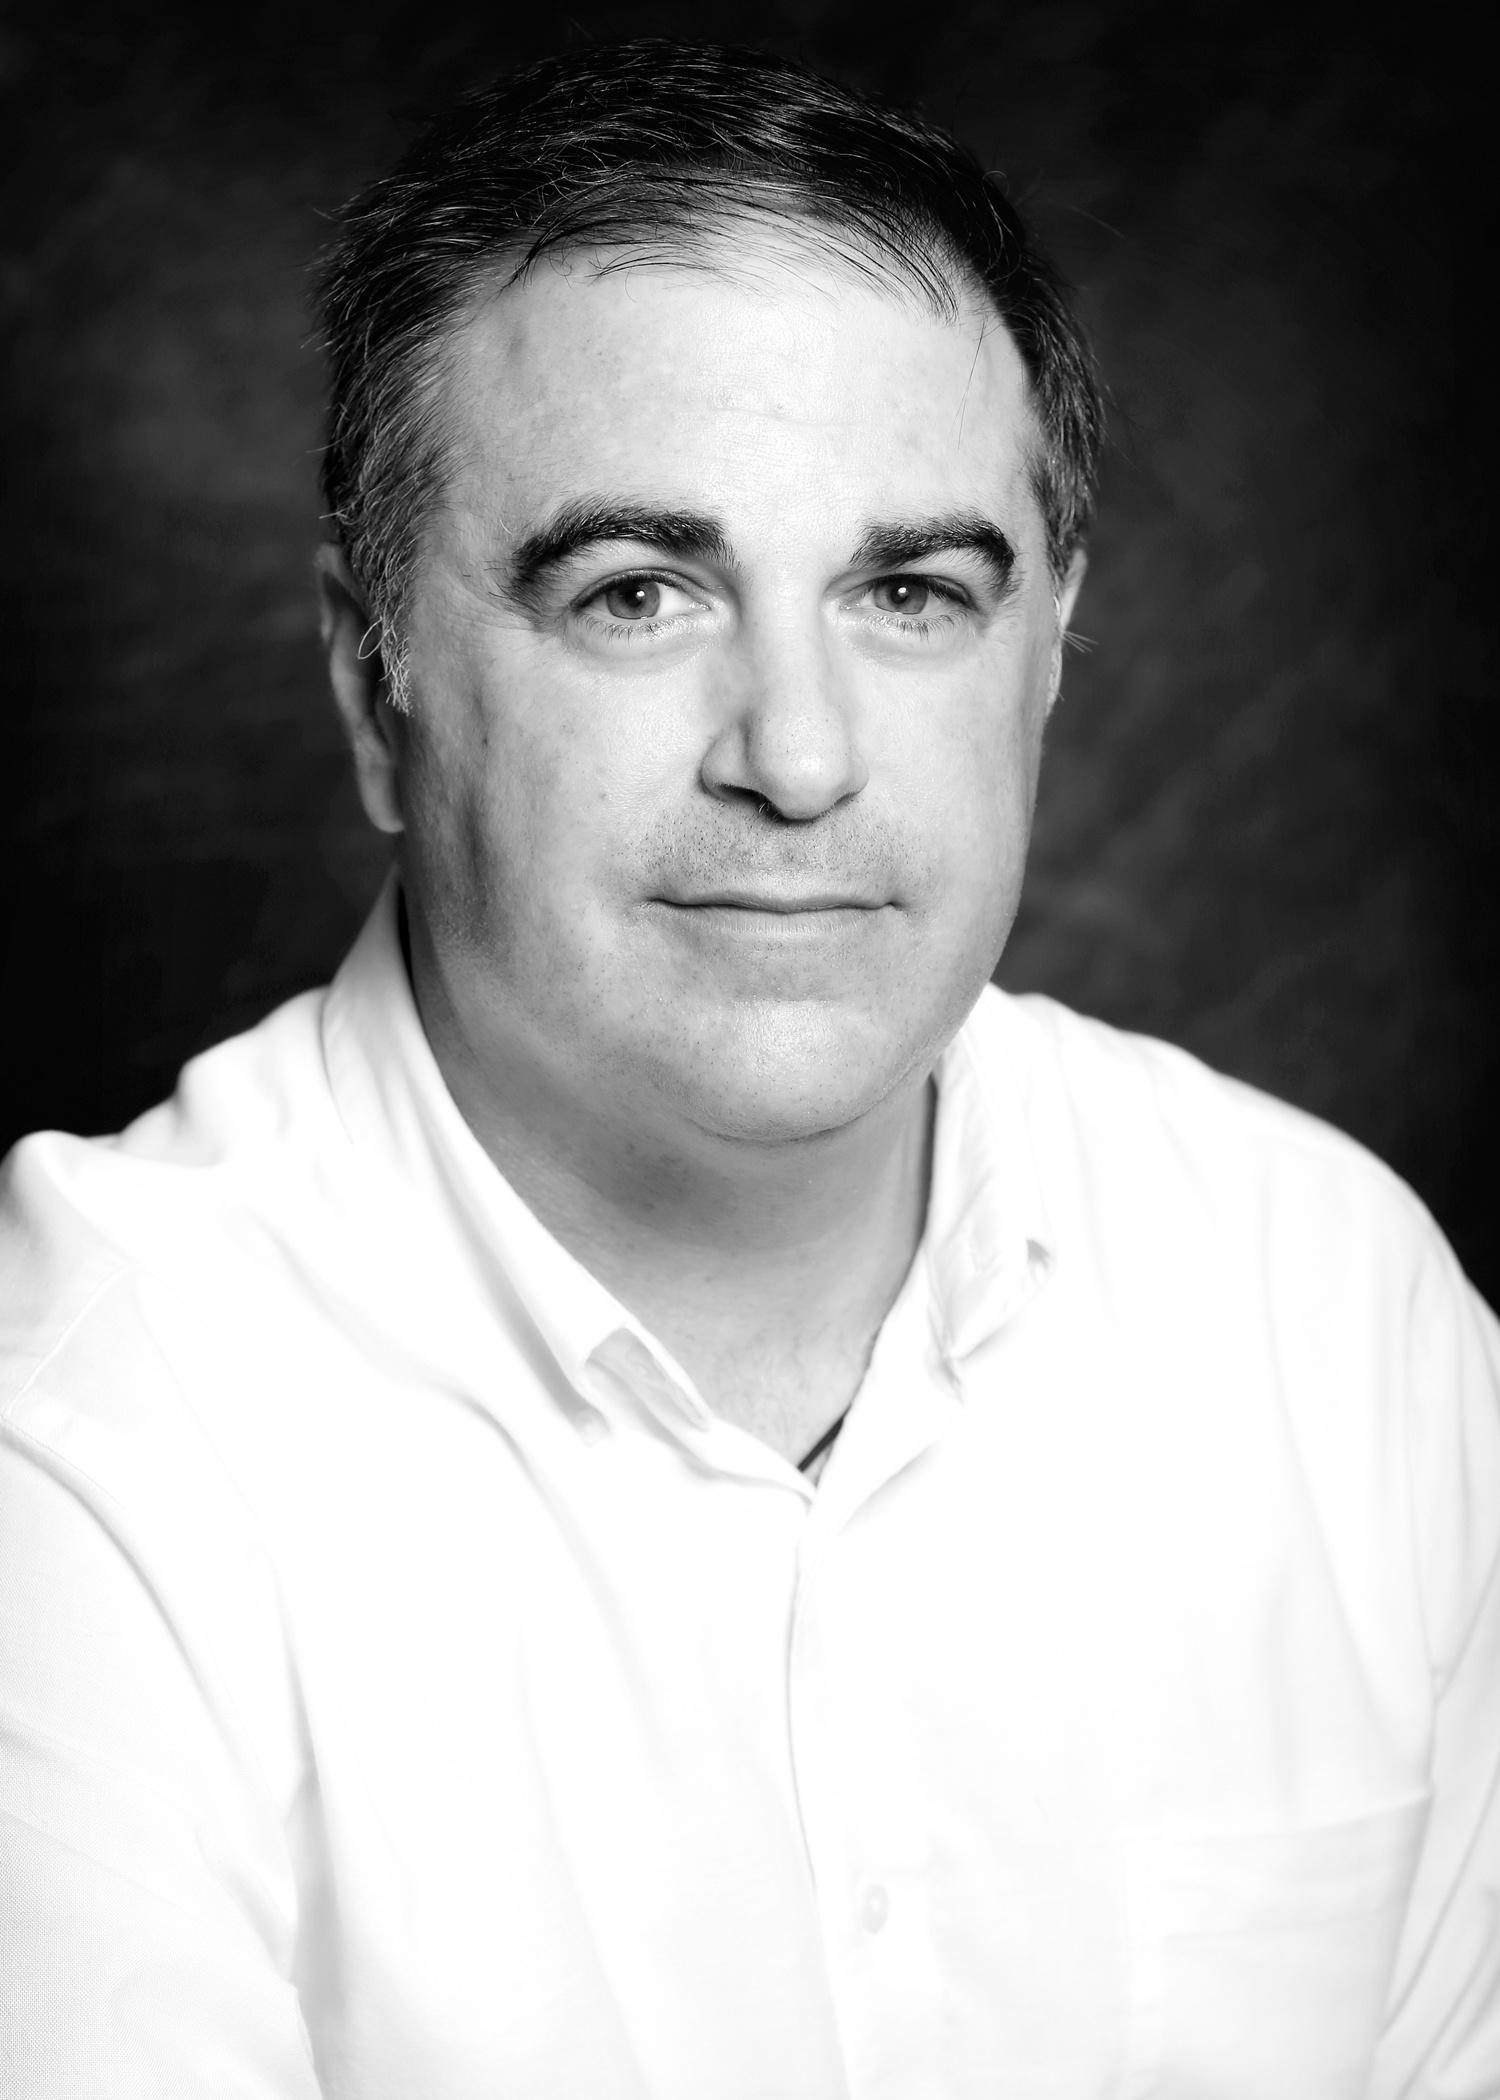 john-corbett-barefoot-partner-manager